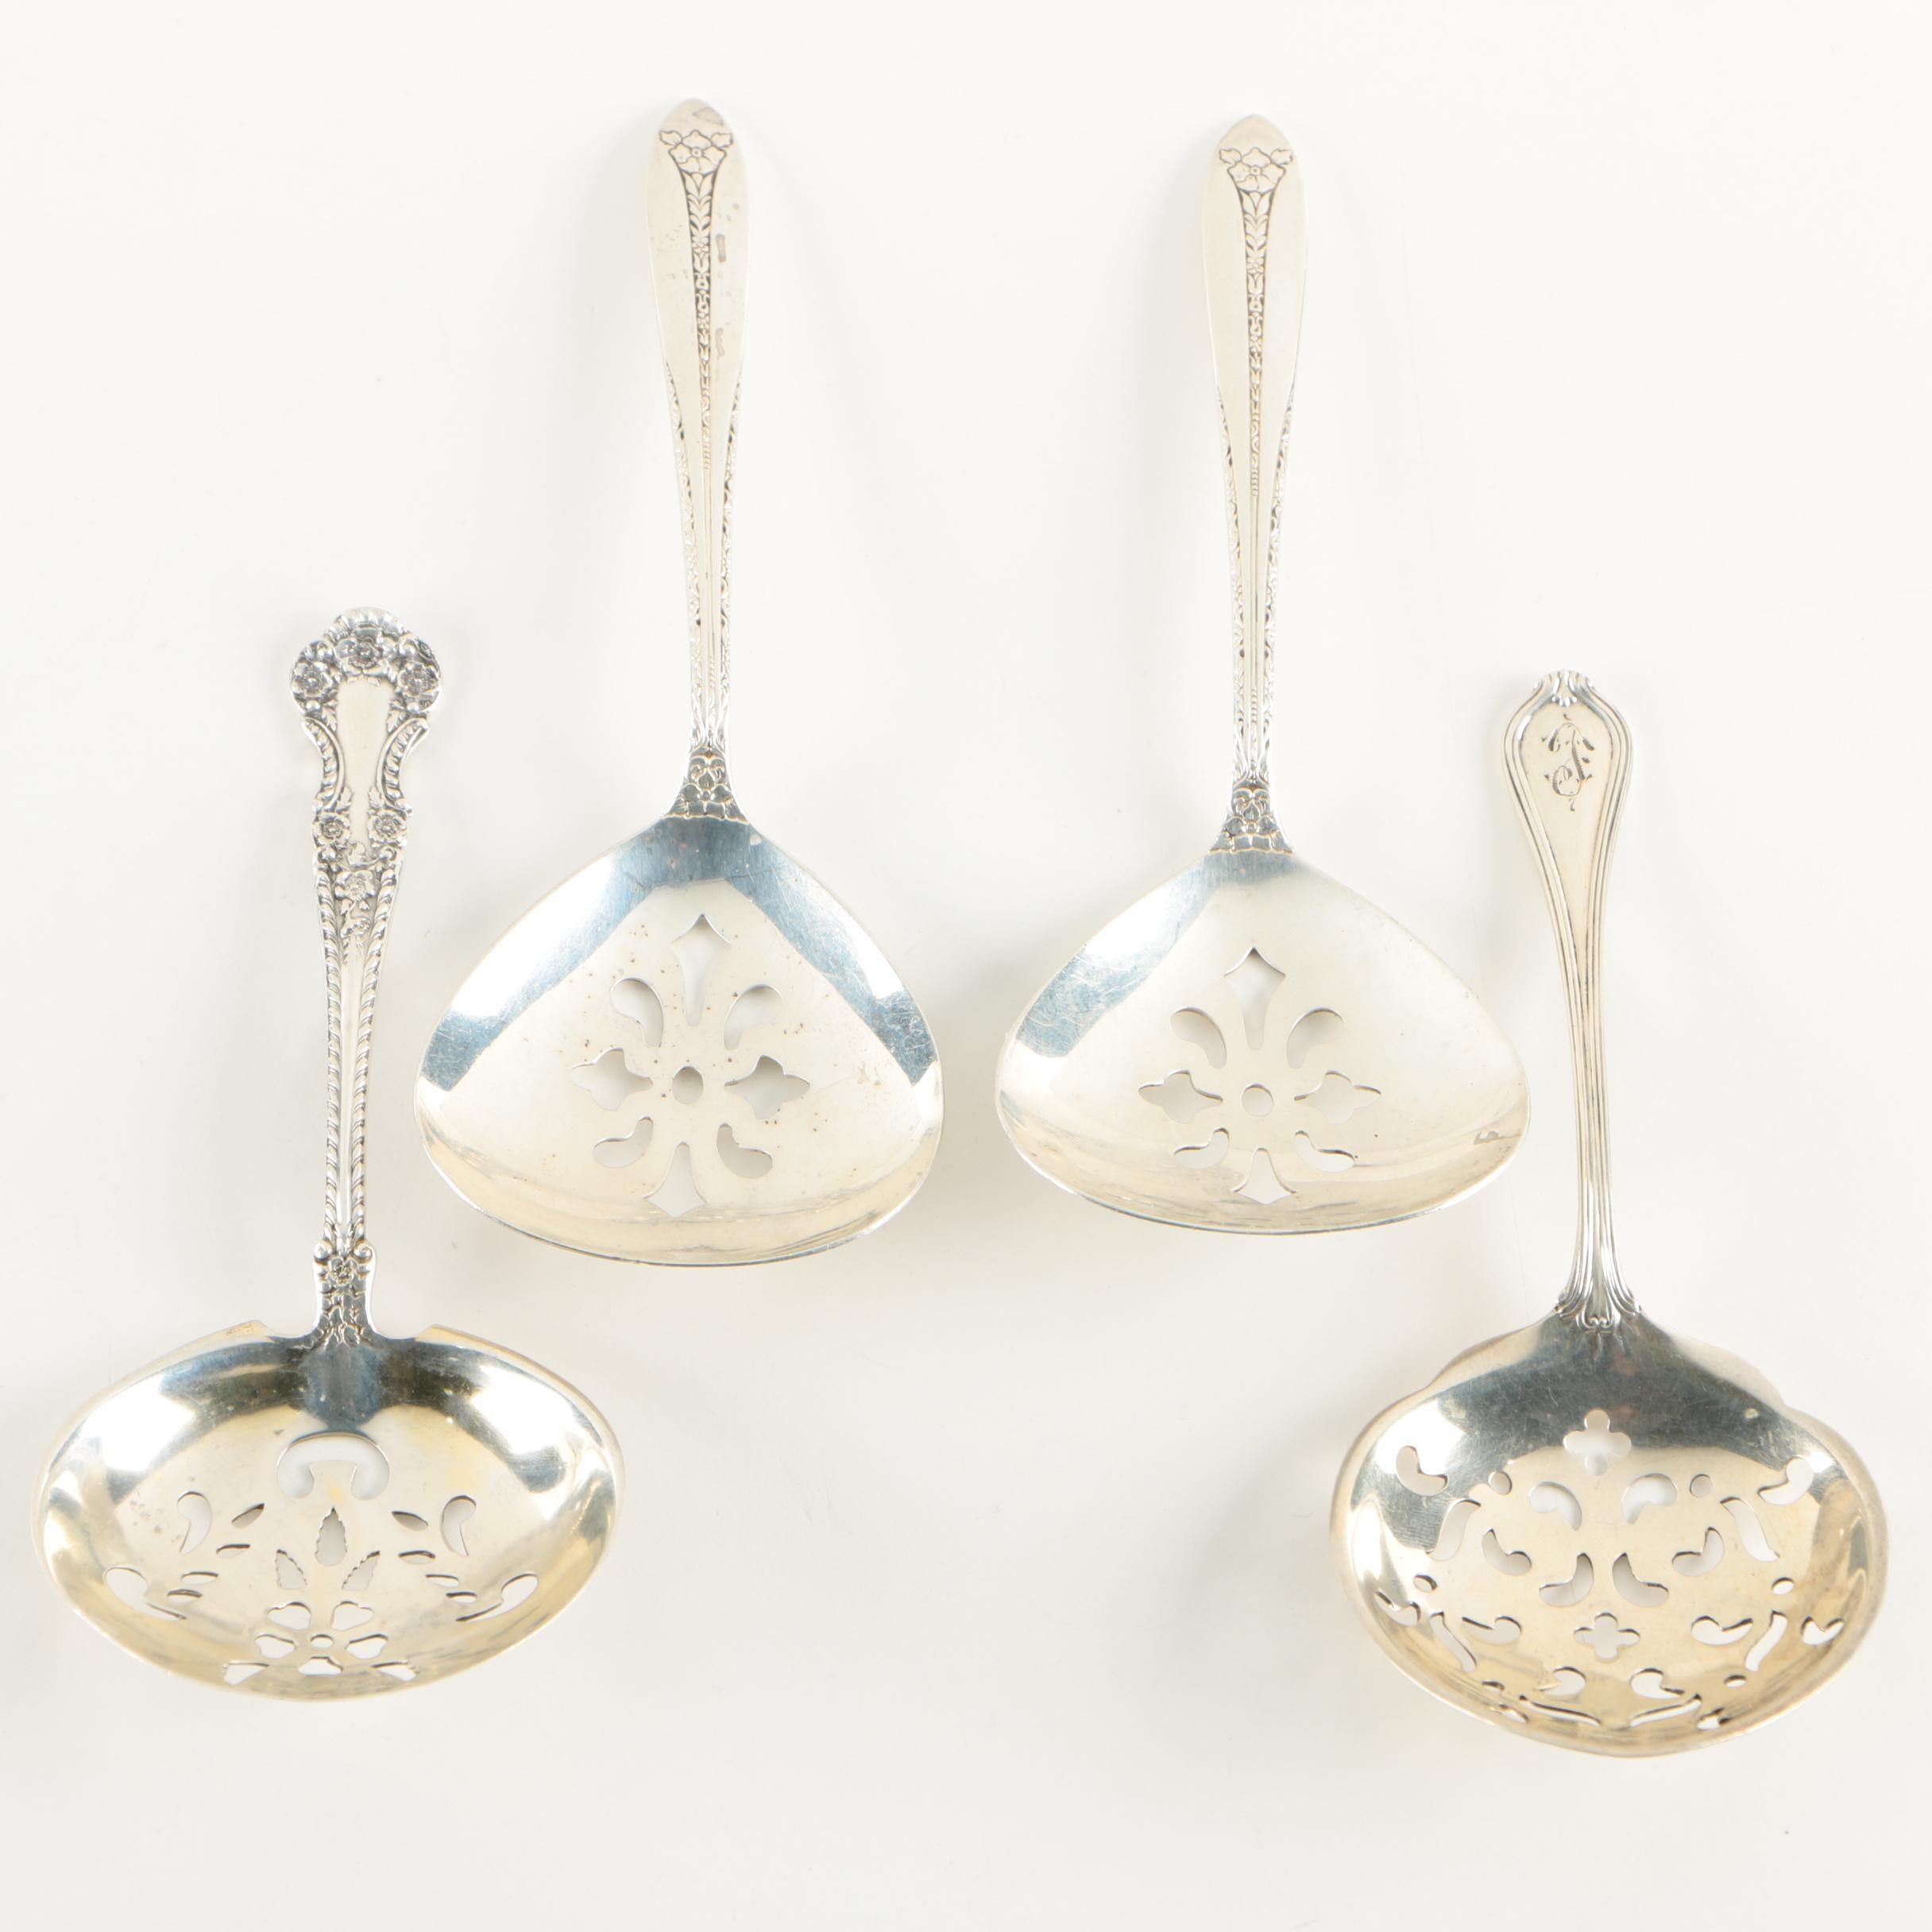 American Sterling Silver Bon Bon Spoons